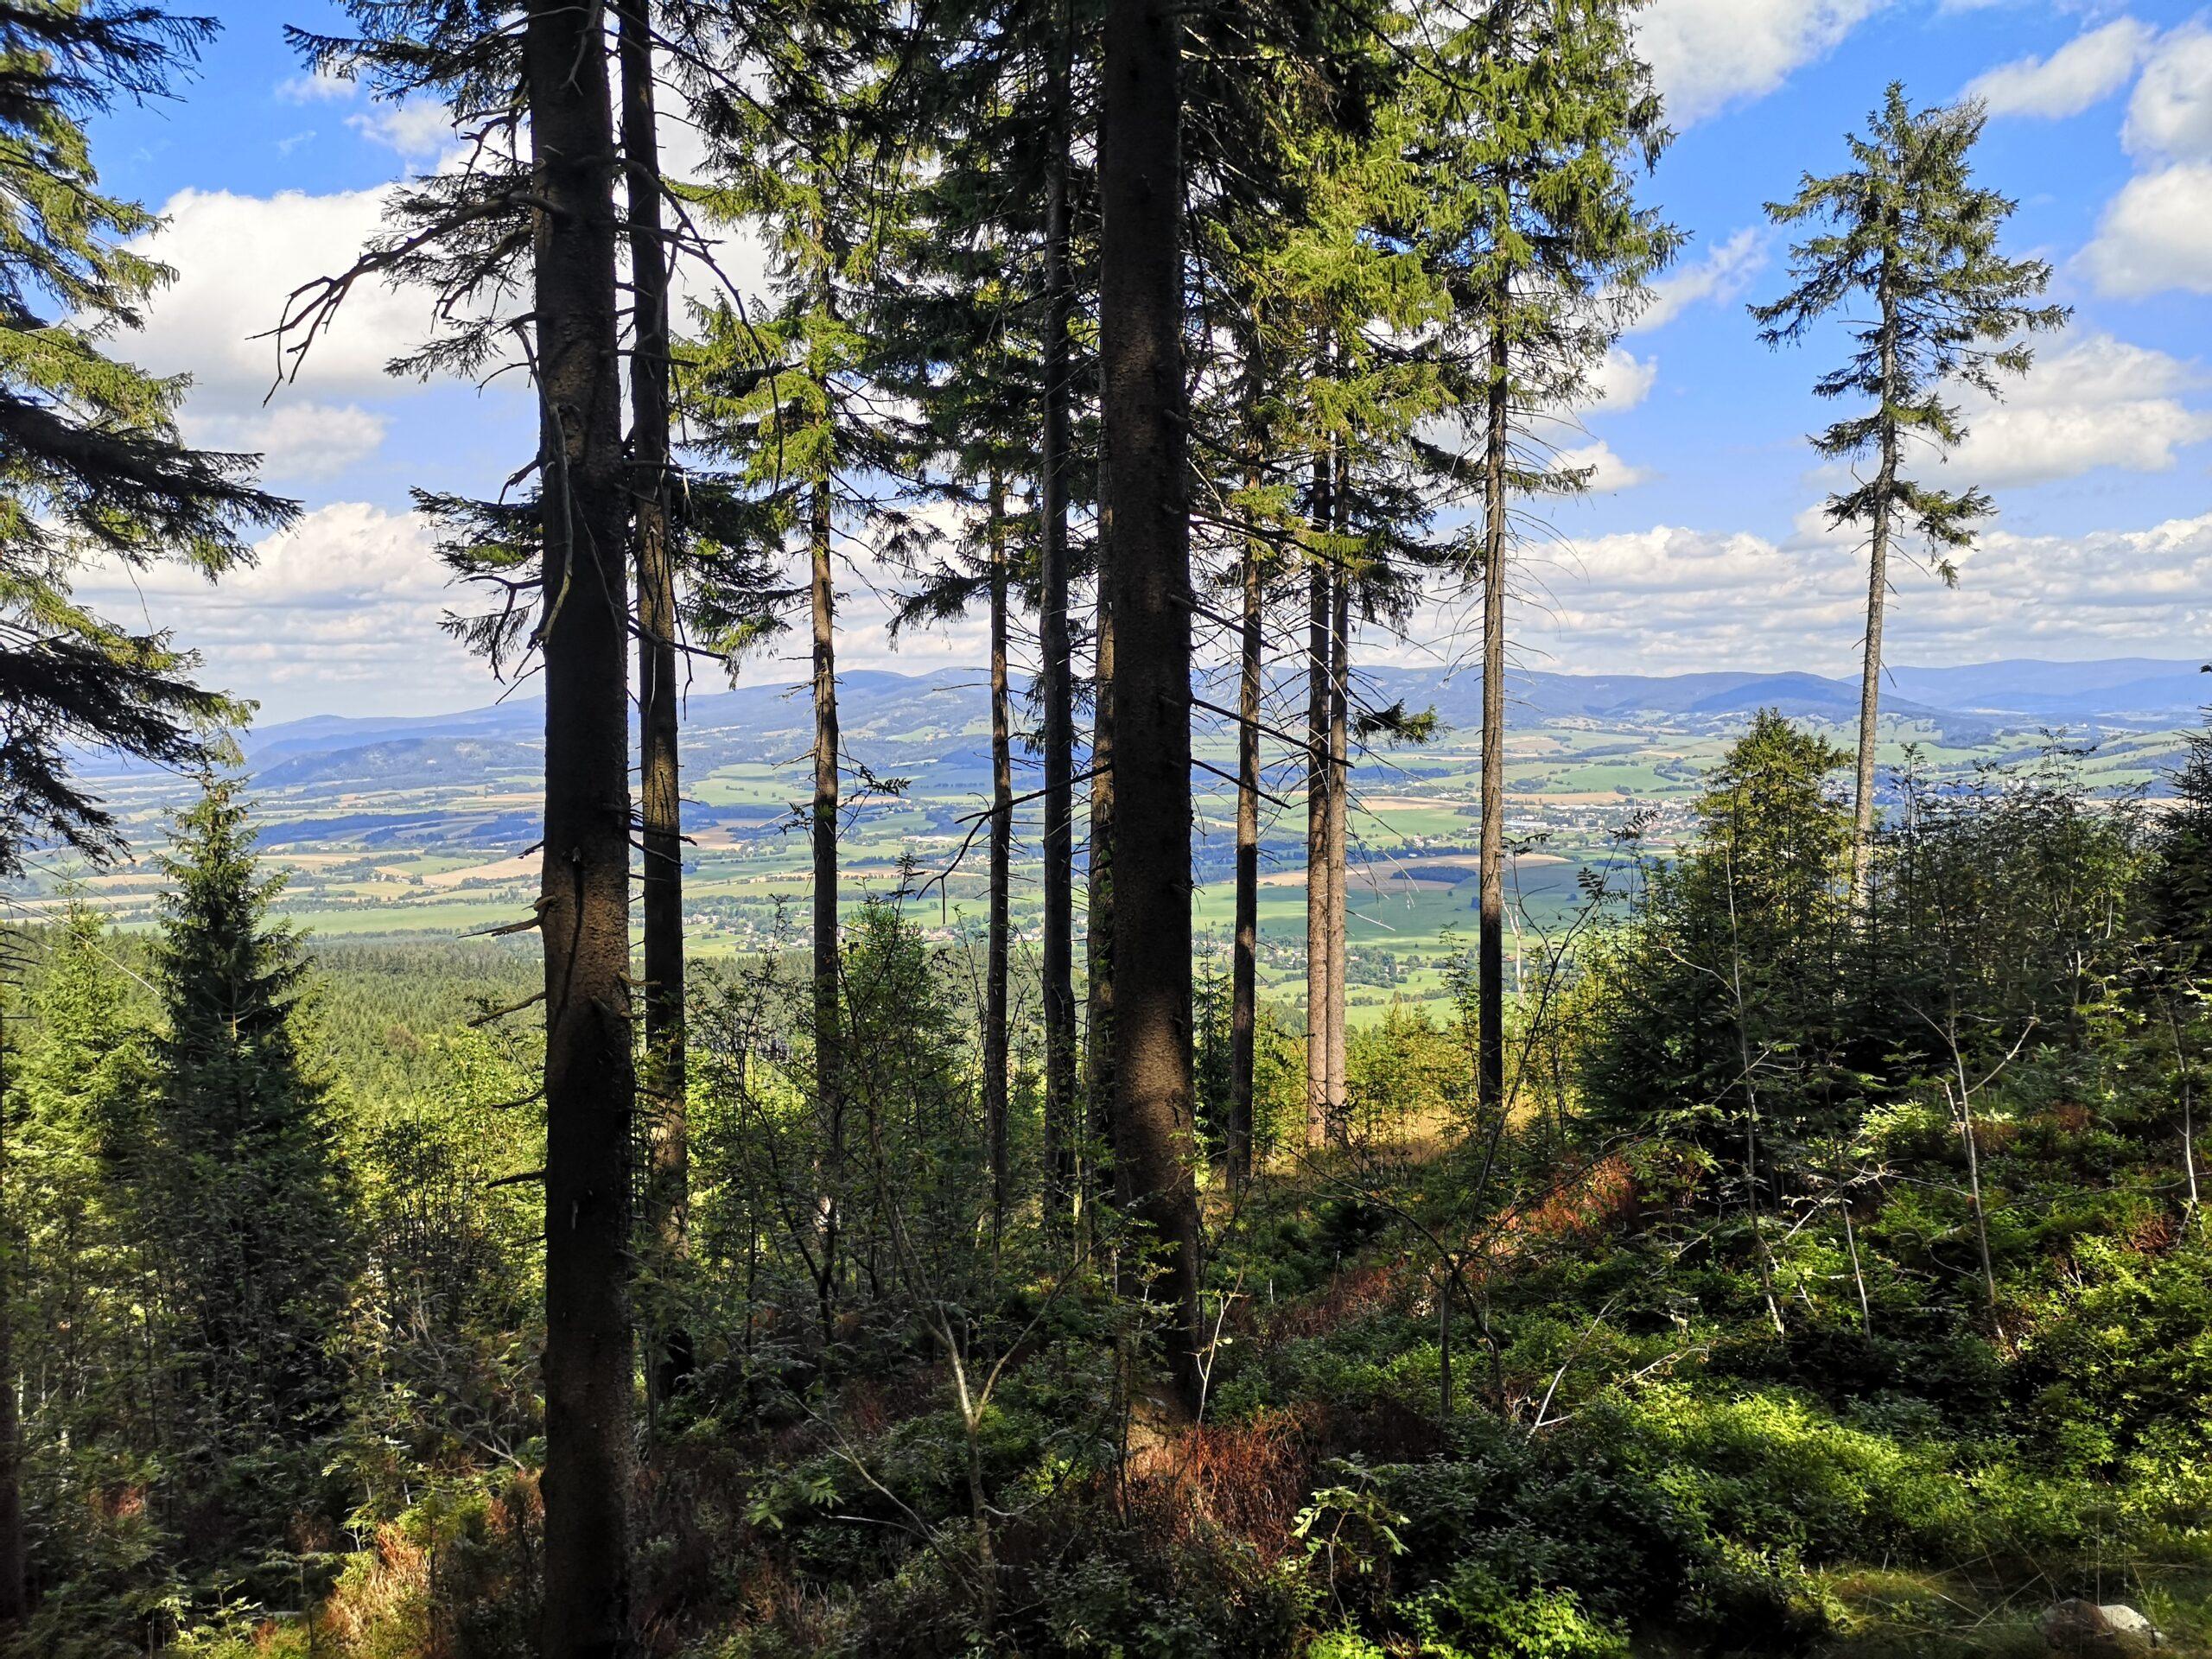 Milióny stromů nepomohou. Bez změny energetického mixu Česko s emisemi nehne